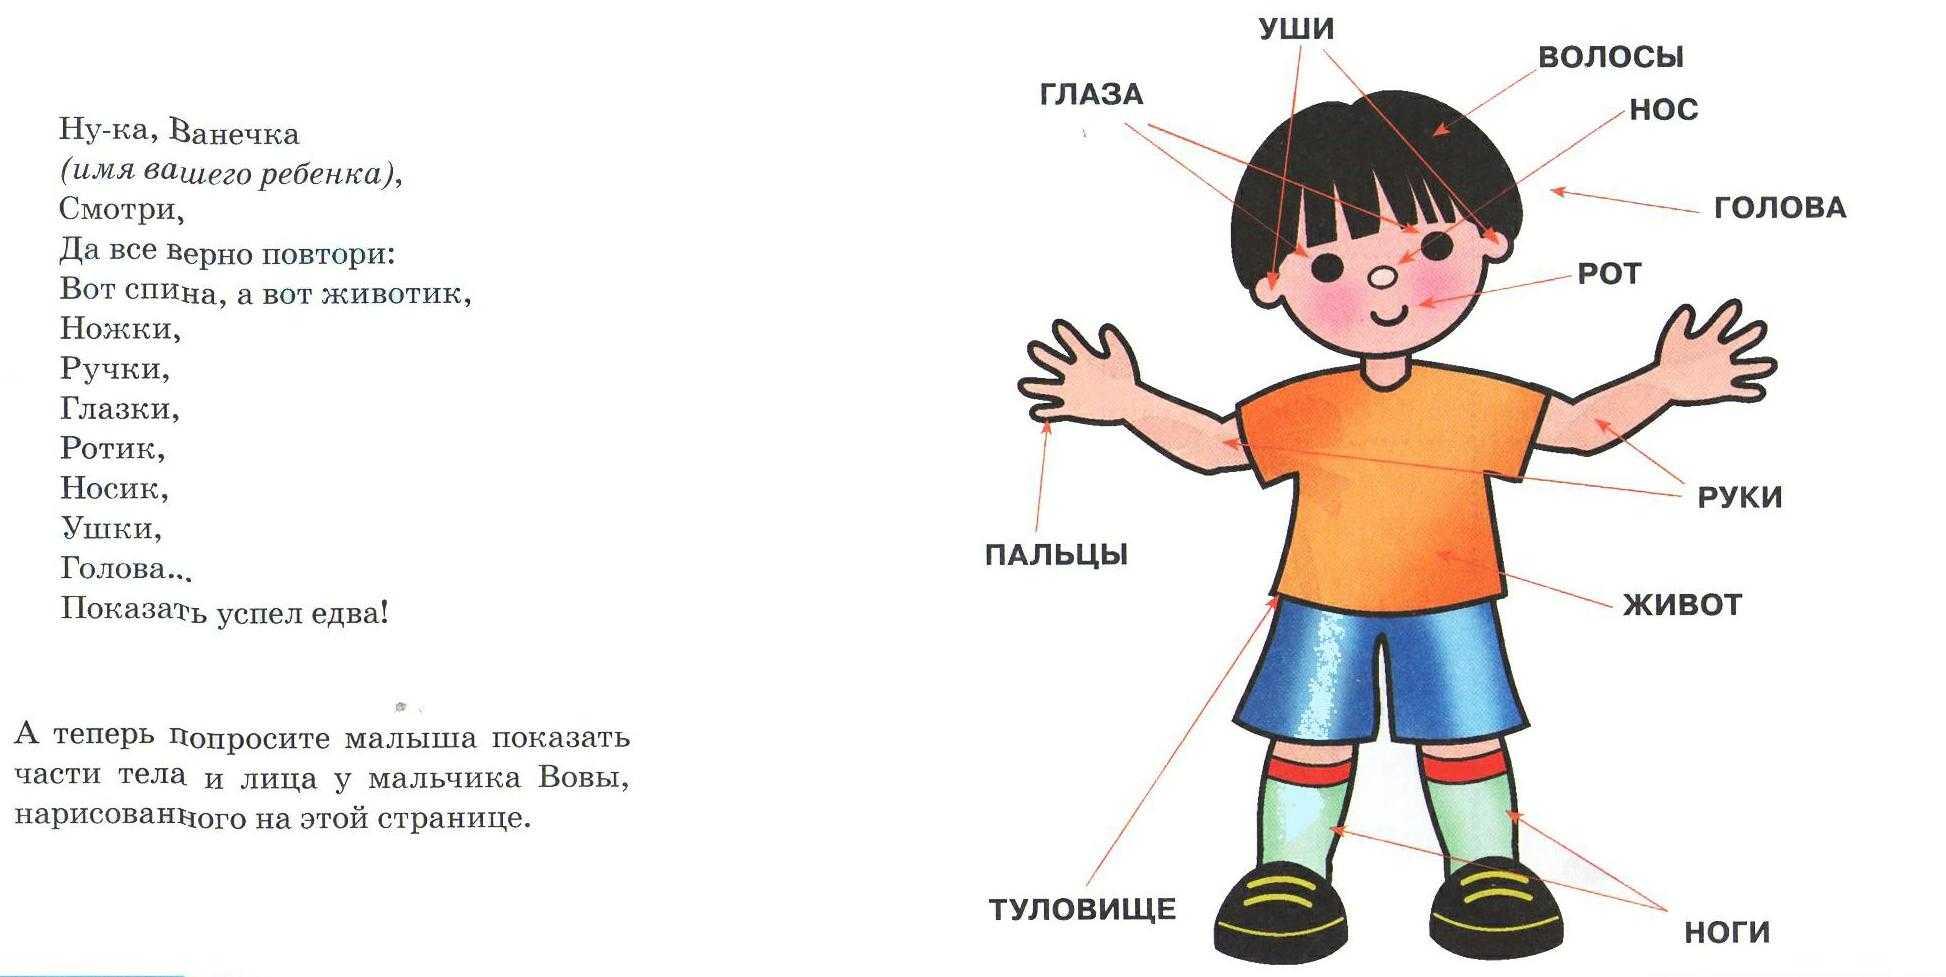 Примеры дидактических игр (подборка). воспитателям детских садов, школьным учителям и педагогам - маам.ру